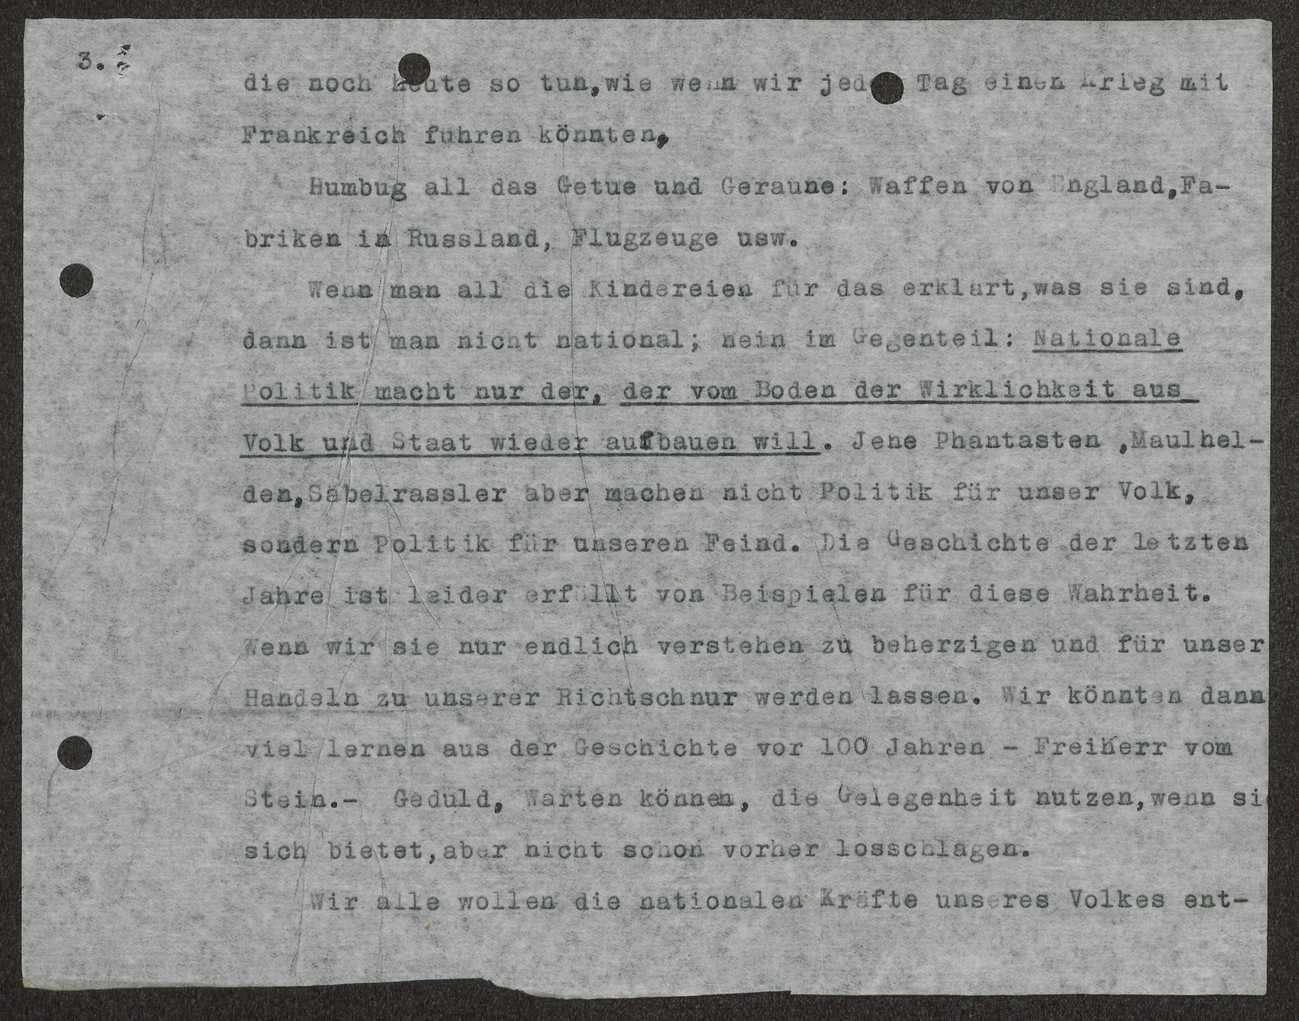 Rede Schalls in Göppingen über die deutsche Innenpolitik (Hitlerputsch), Bild 3